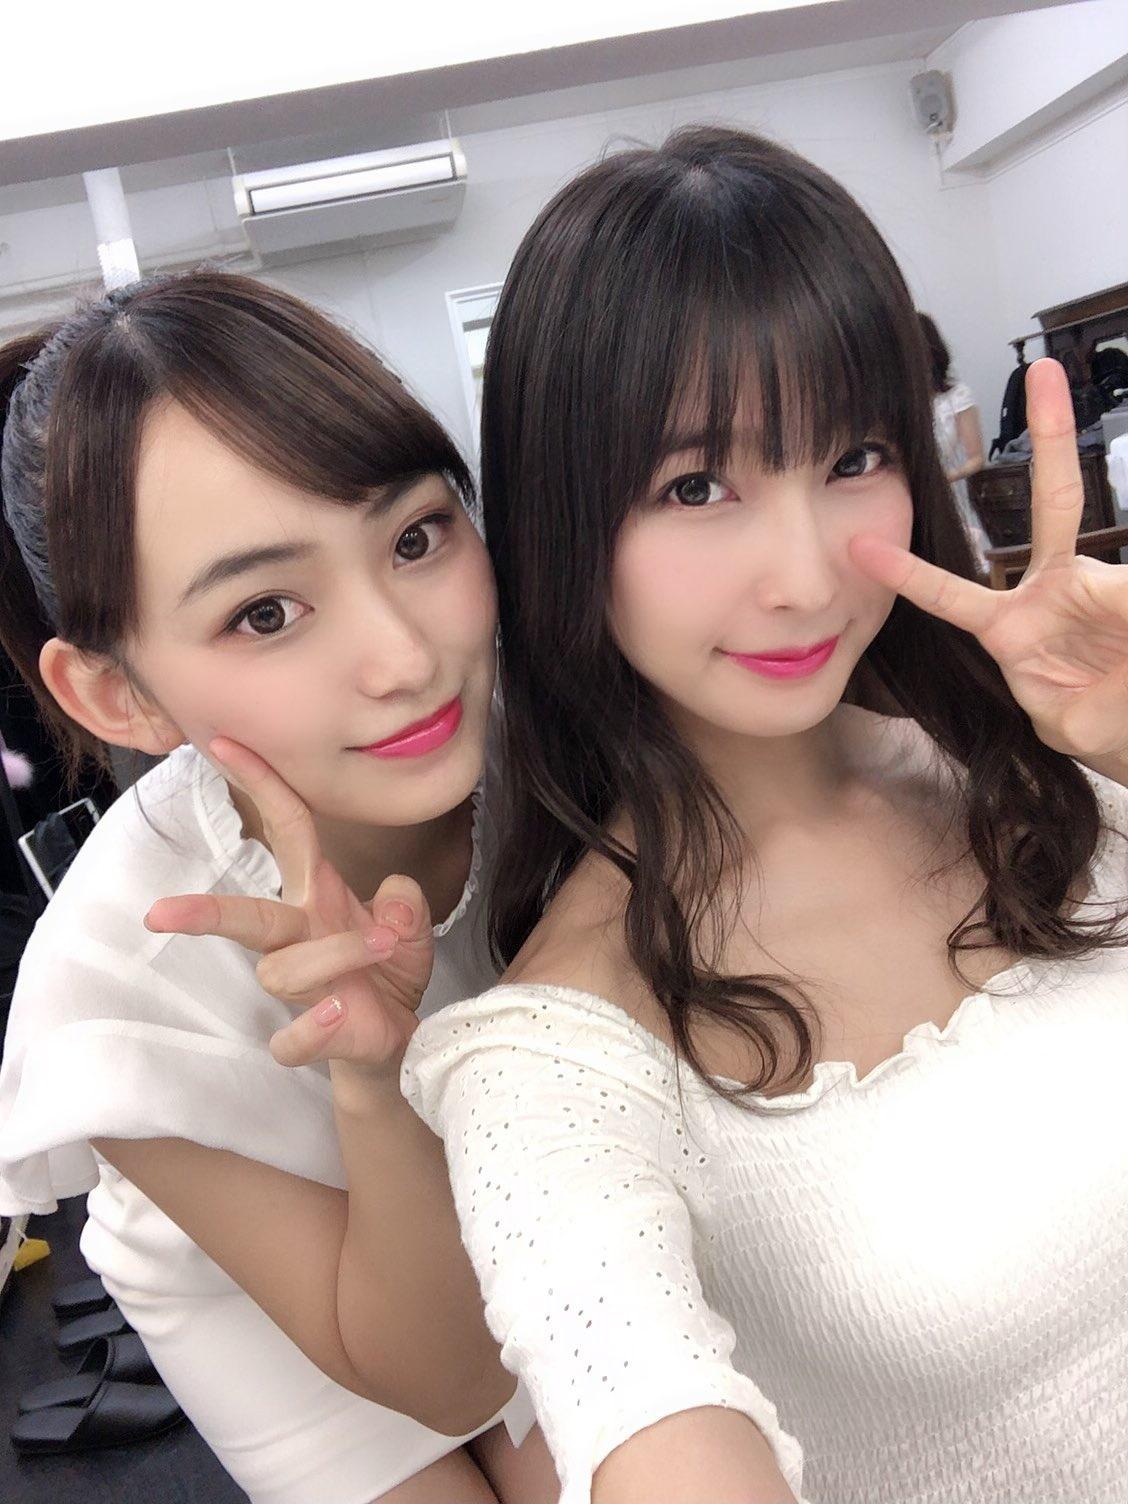 kawasaki__aya 1194112492403855360_p1